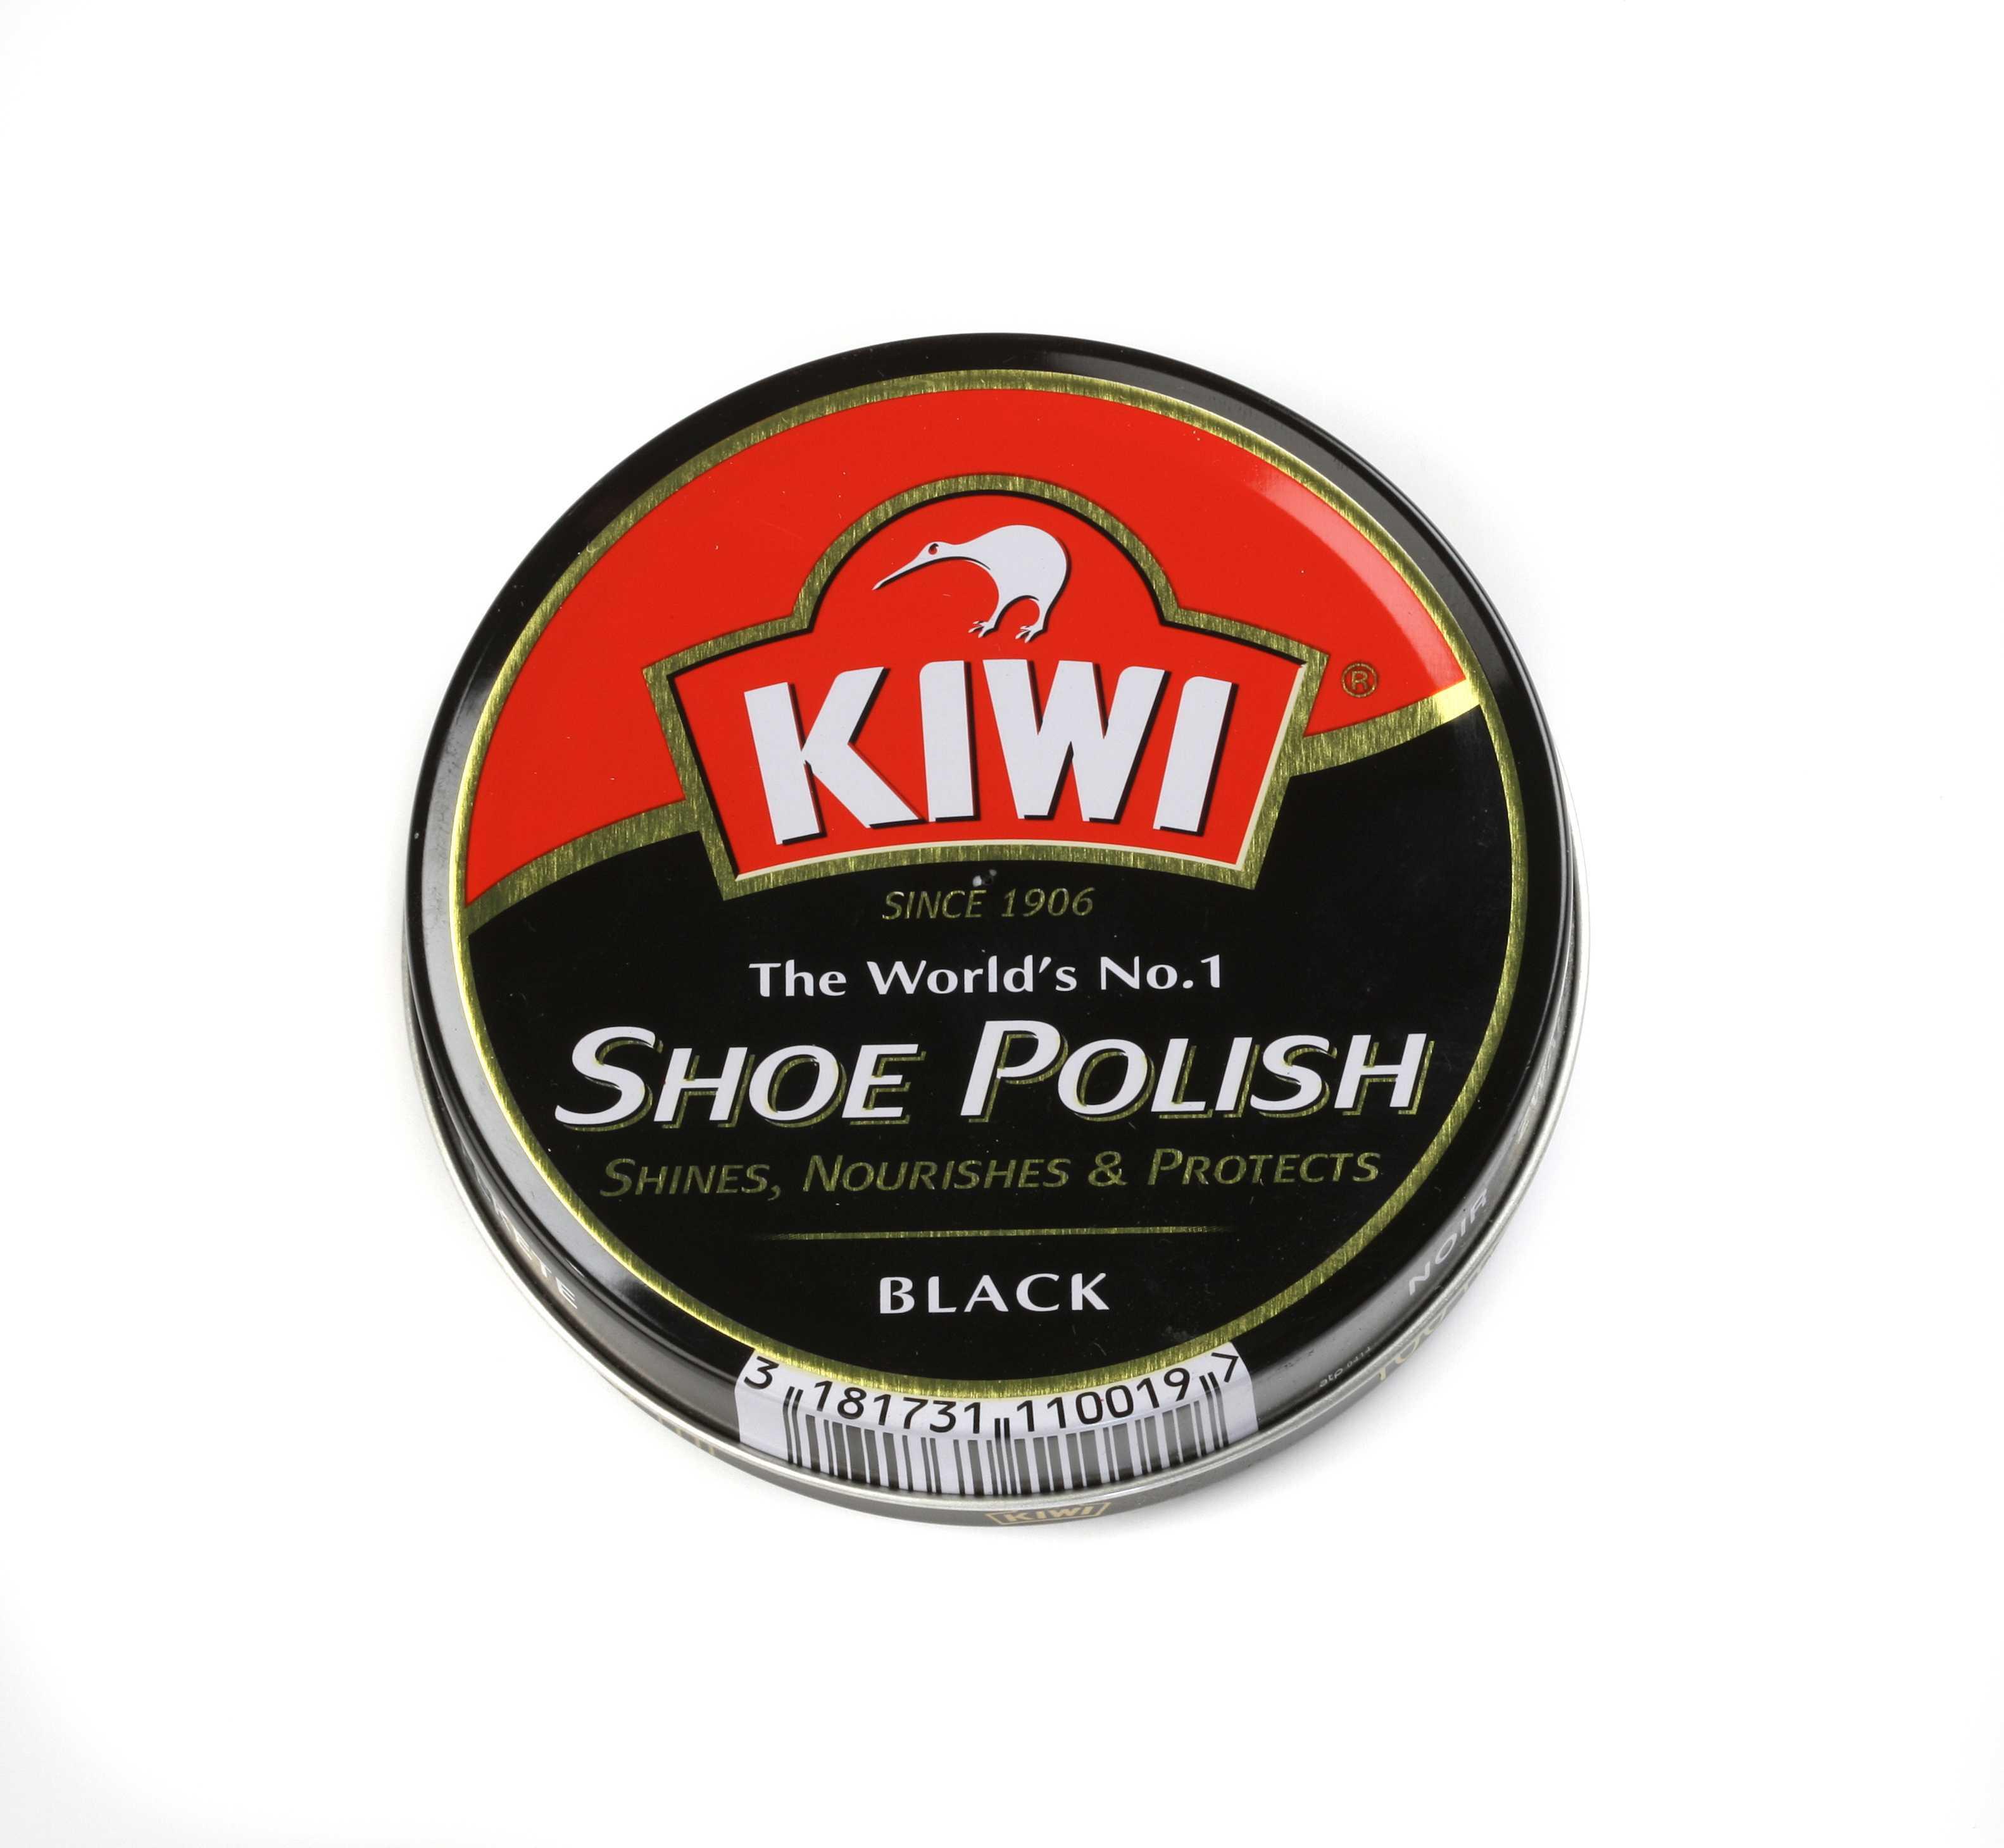 Wholesale KIWI Black Shoe Polish - Made in China - #97241